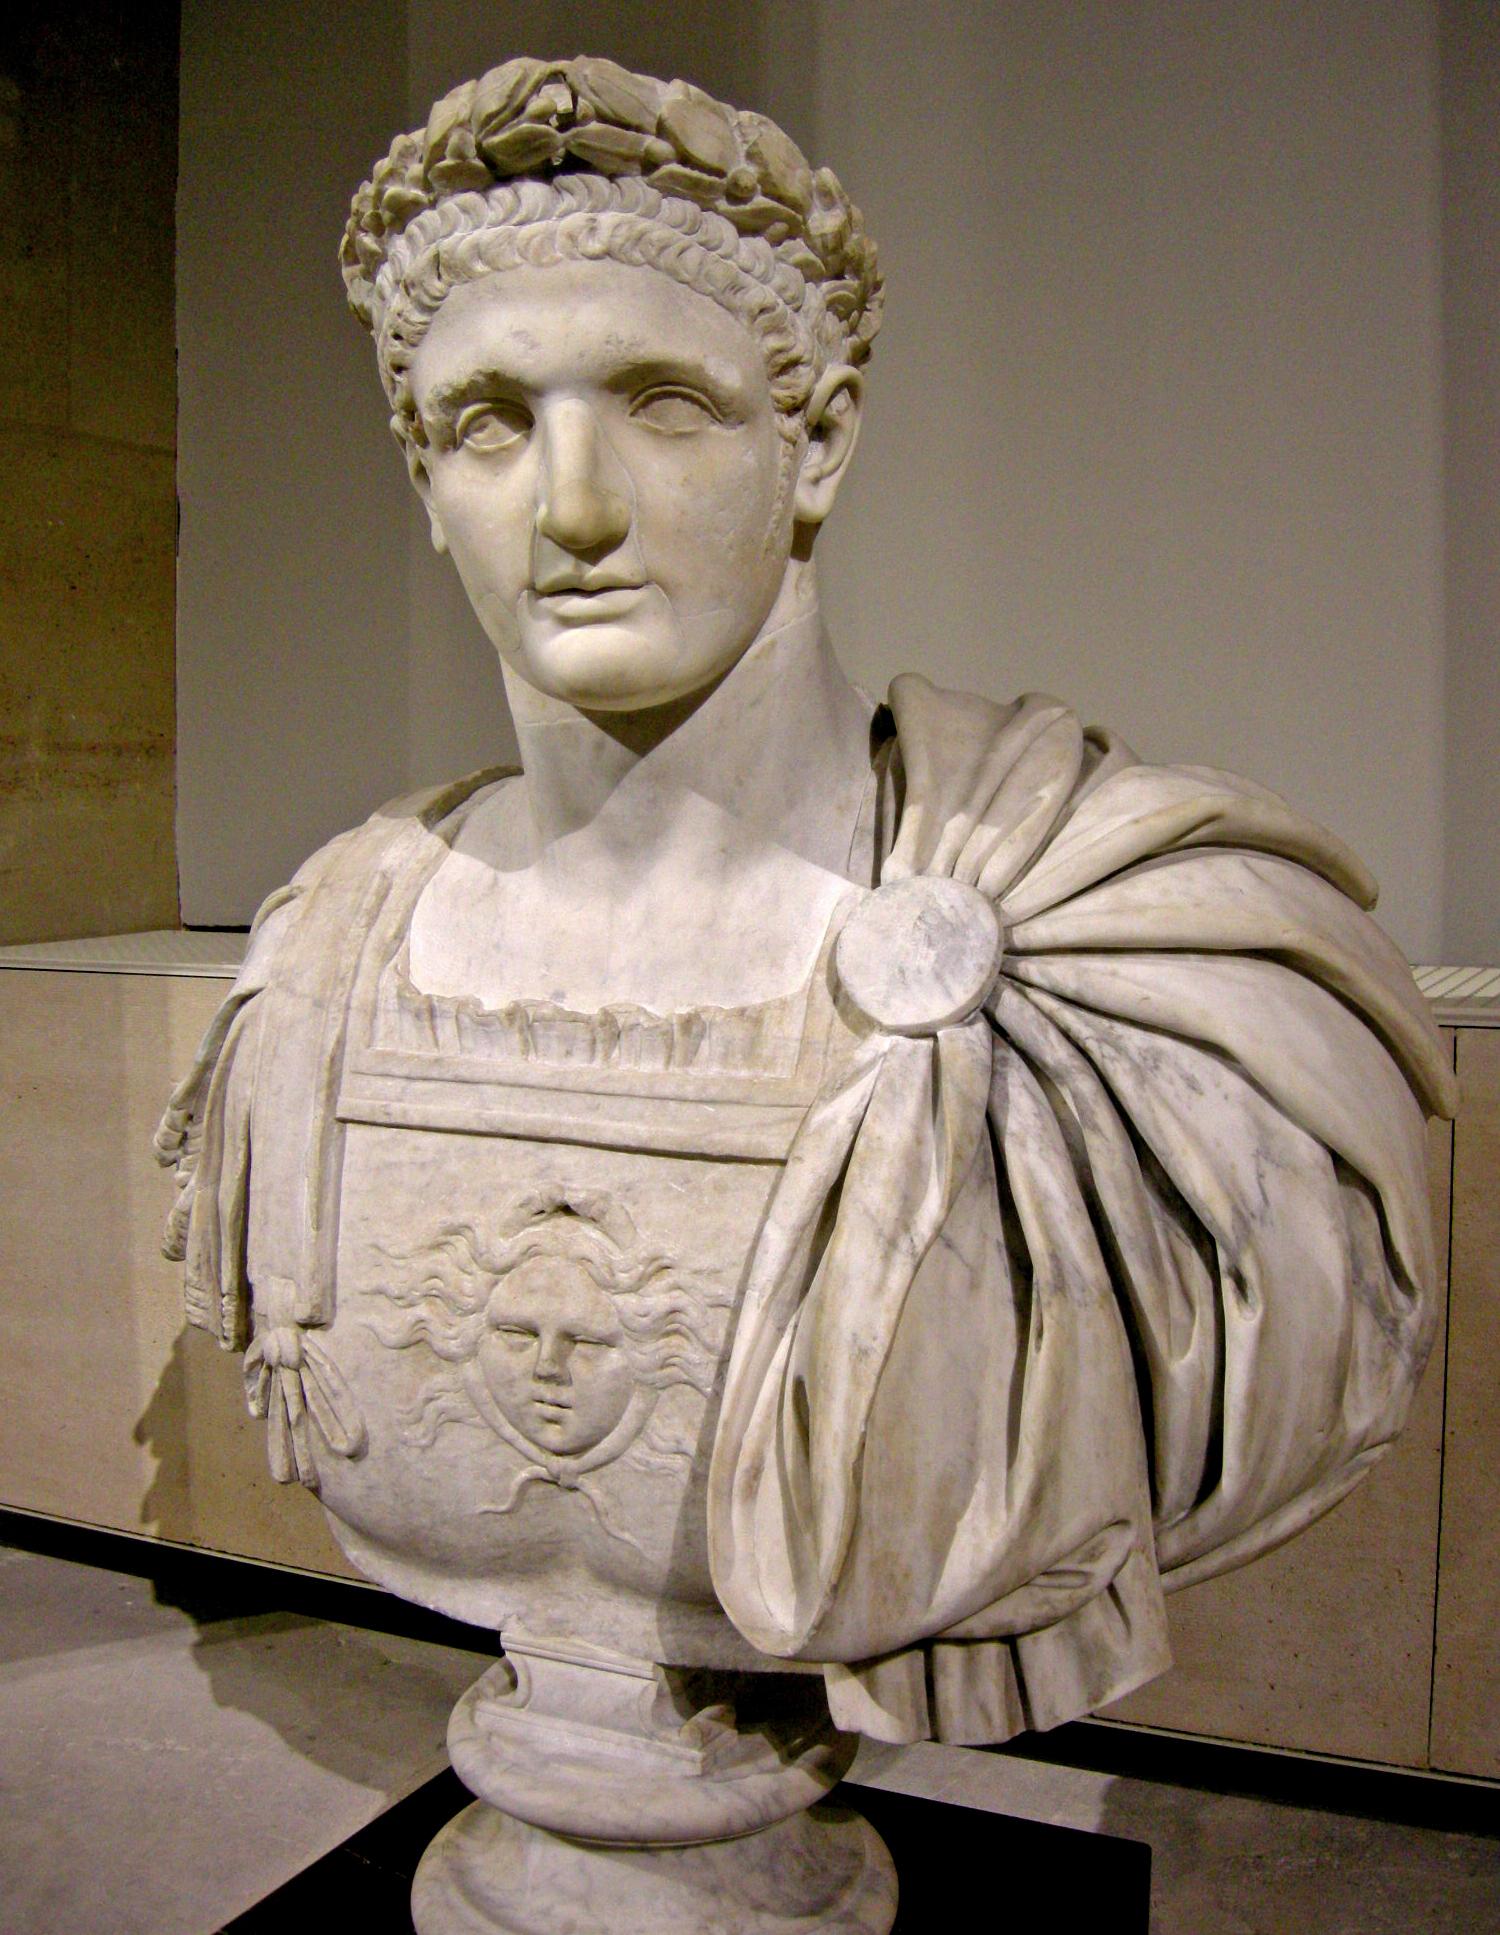 La segunda persecución, bajo Domiciano, el 81 d.C